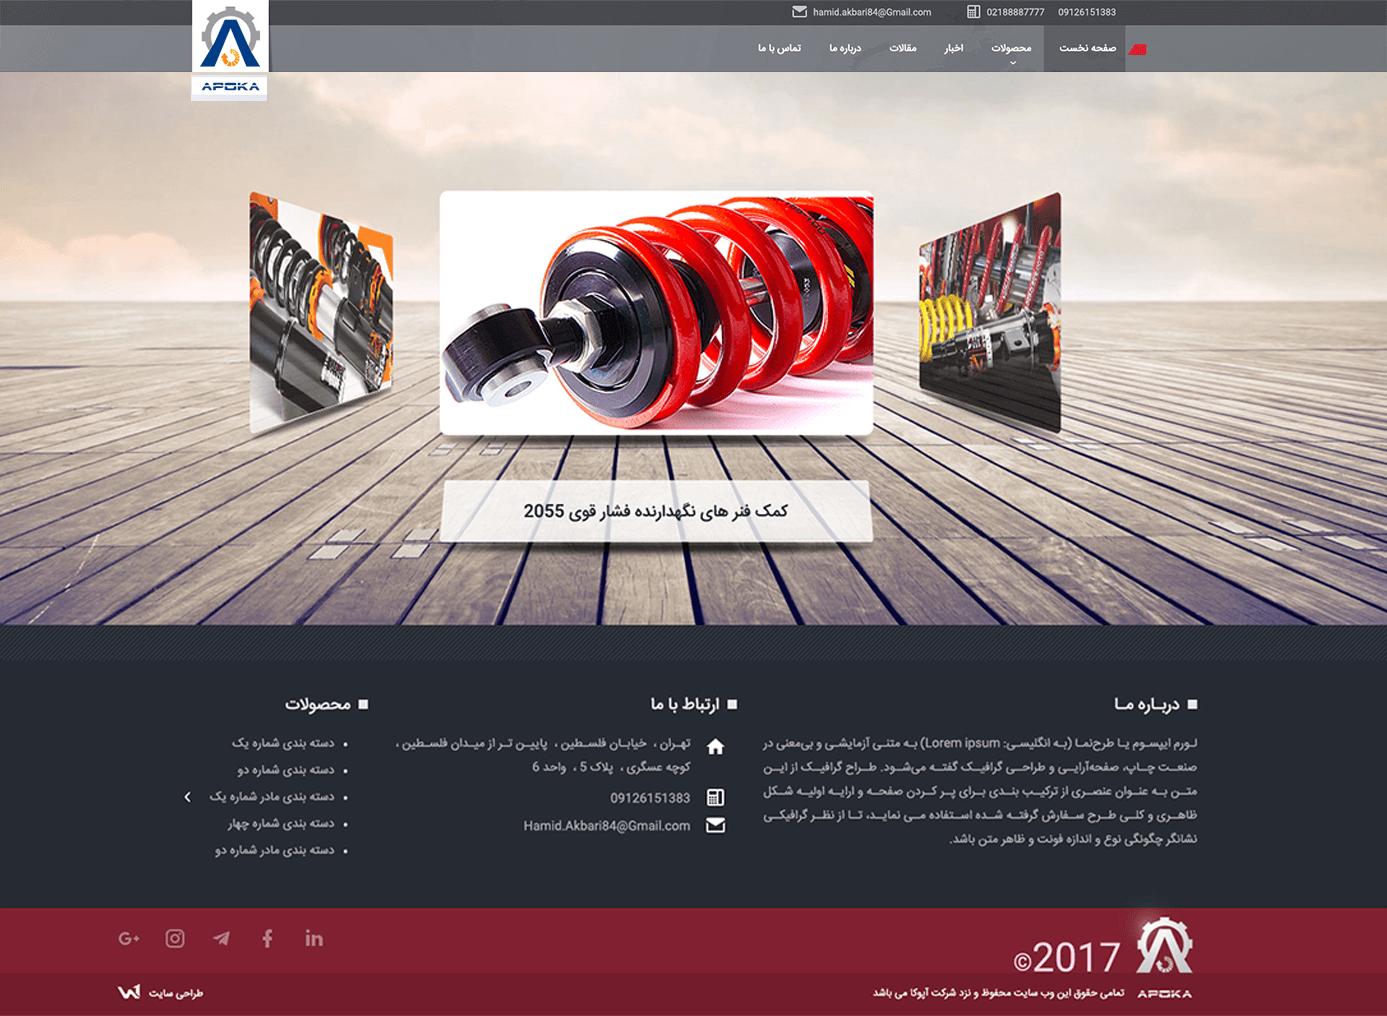 طراحی سایت شرکت فنر آپوکا